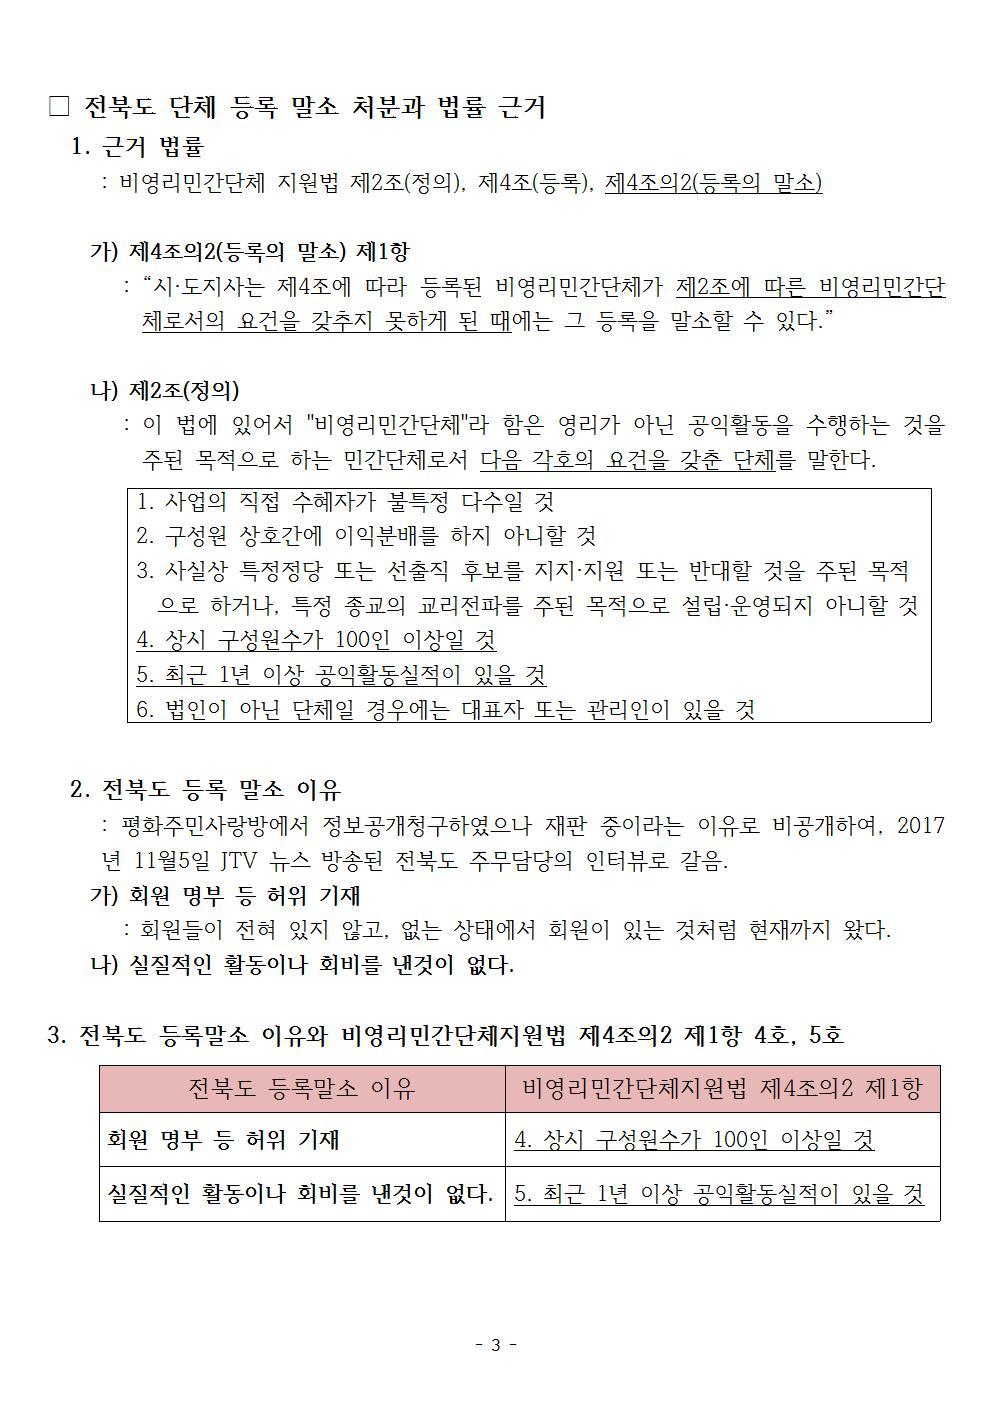 [전북 봉침게이트] 피고(전북도 민주당 송하진 지사) 소송 대응이 아쉽다003.jpg